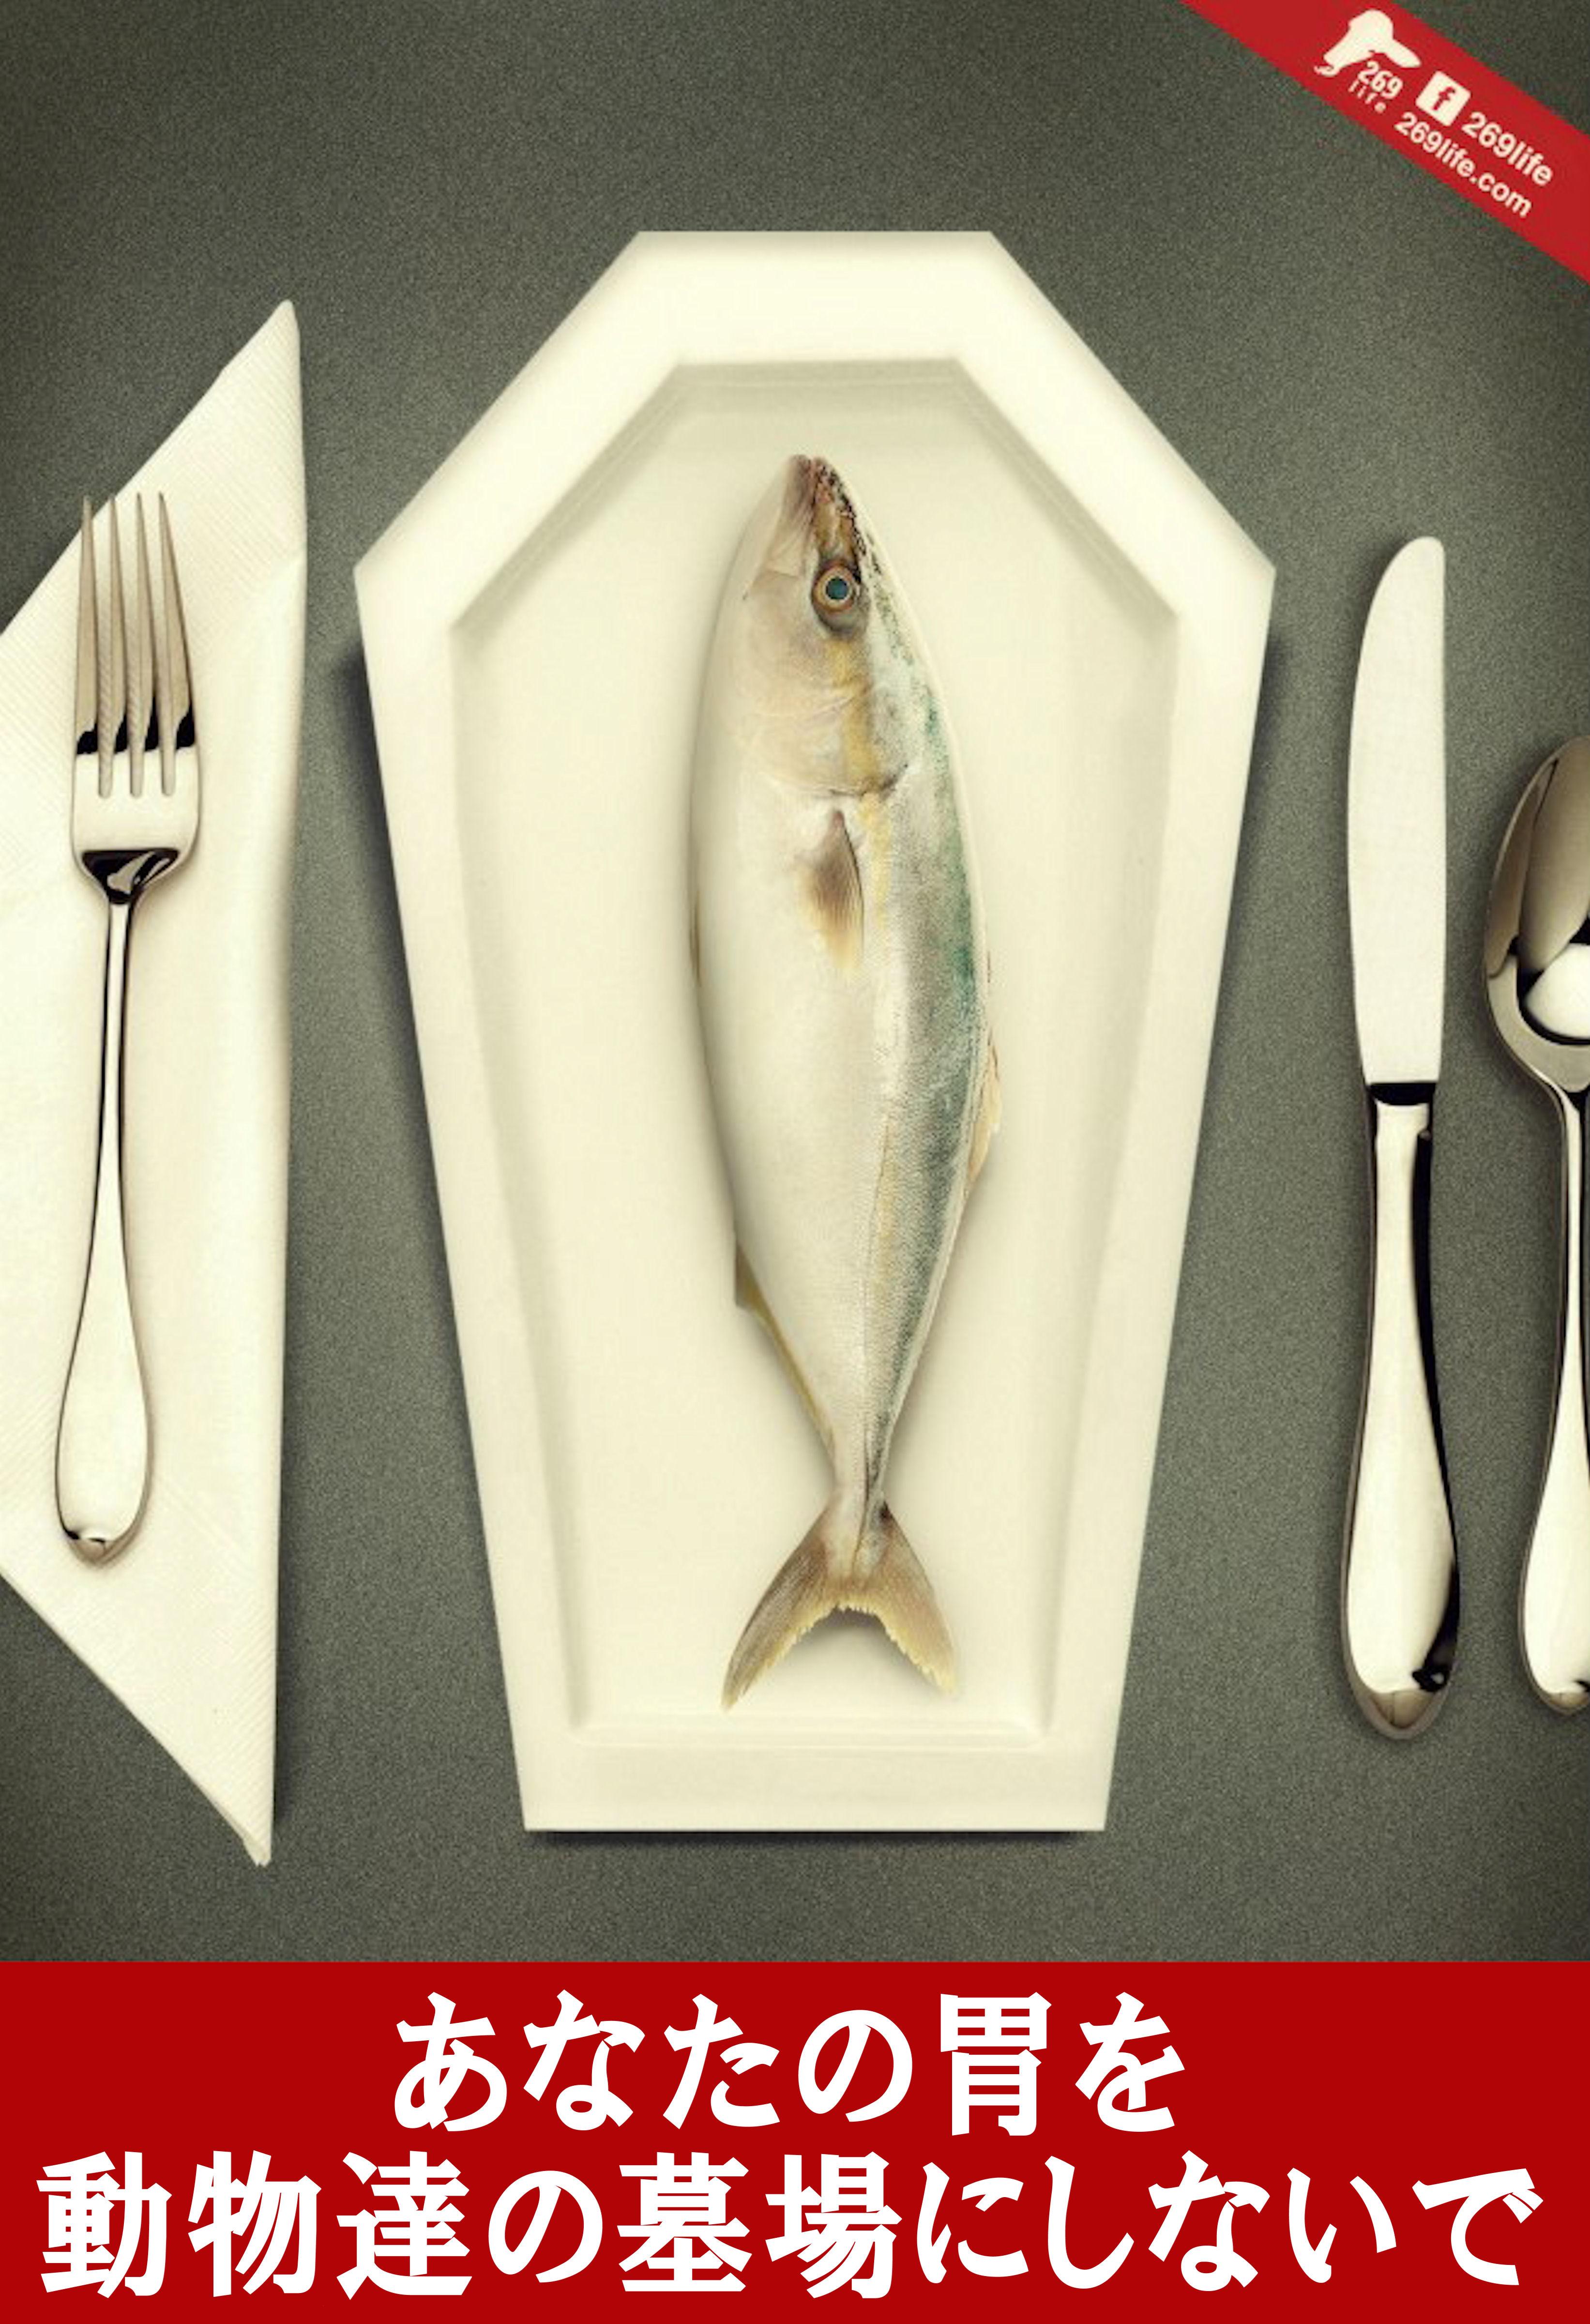 fishlove1.jpg